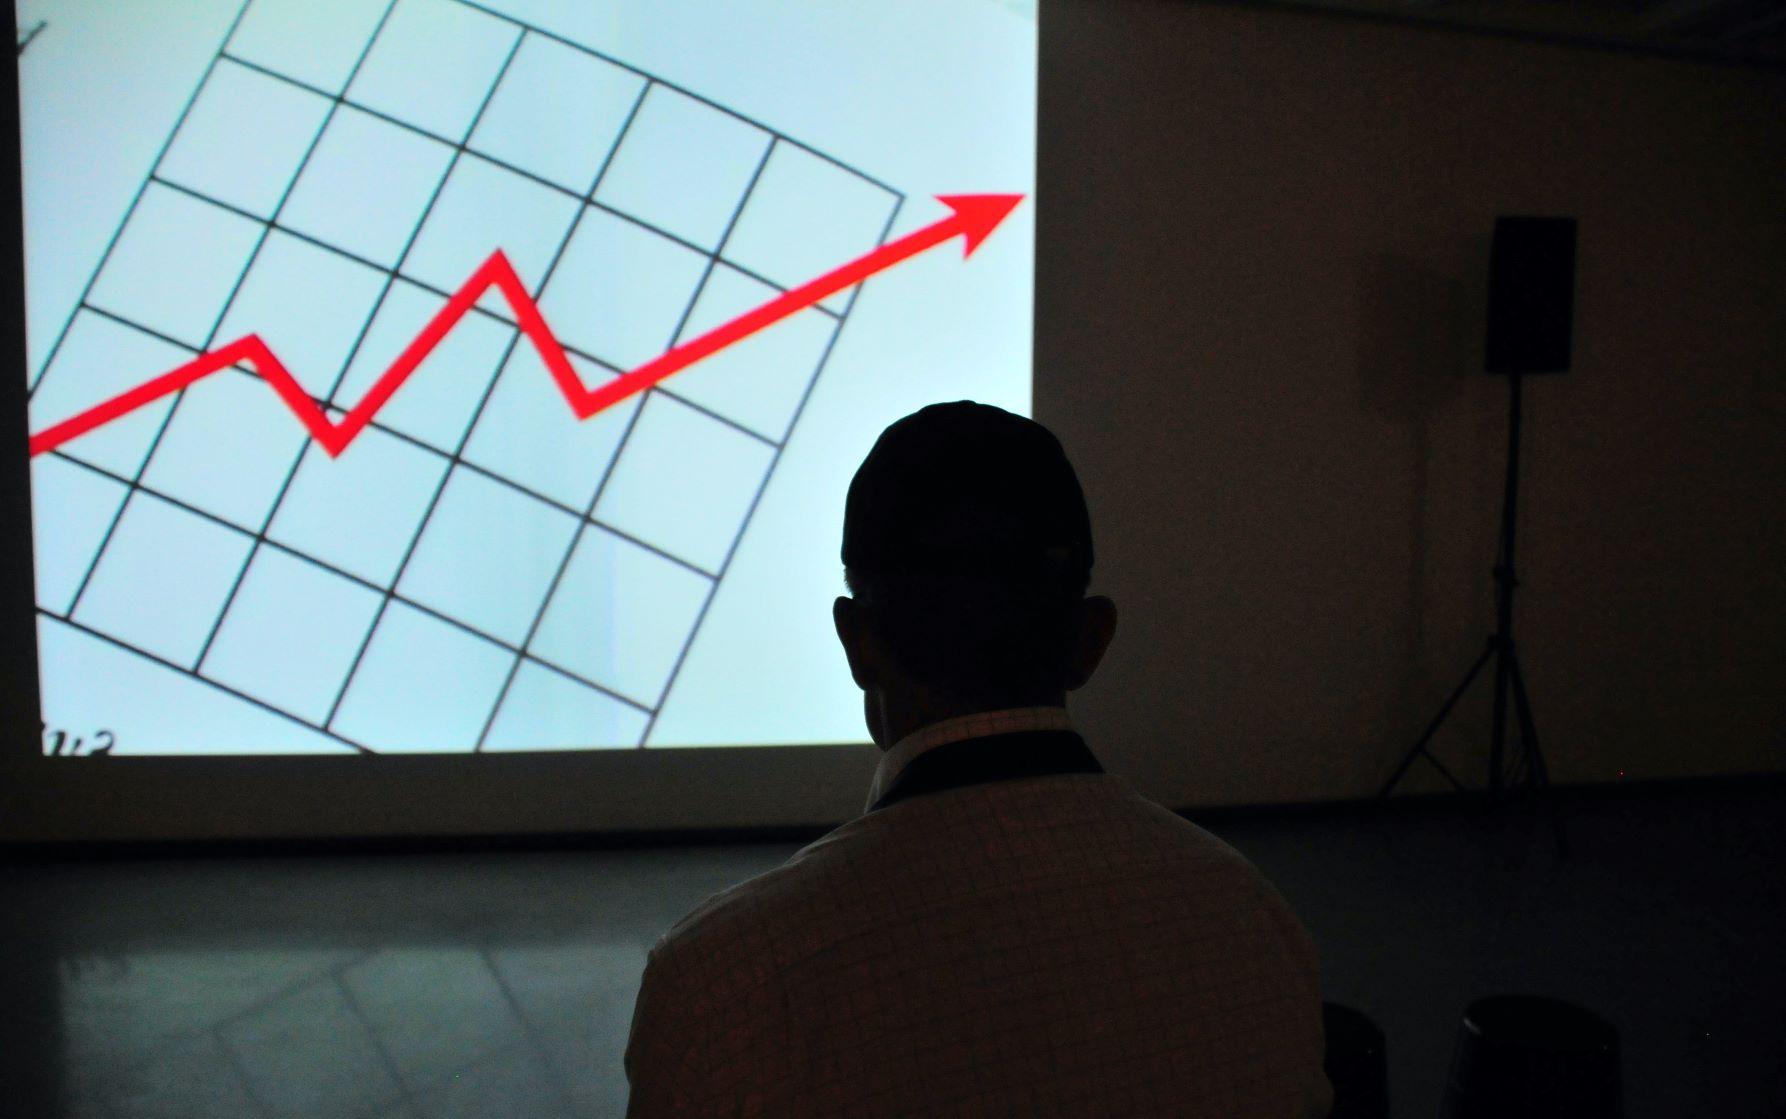 Свіжий огляд фінансових ринків від експерта ЦБТ  - фото 1